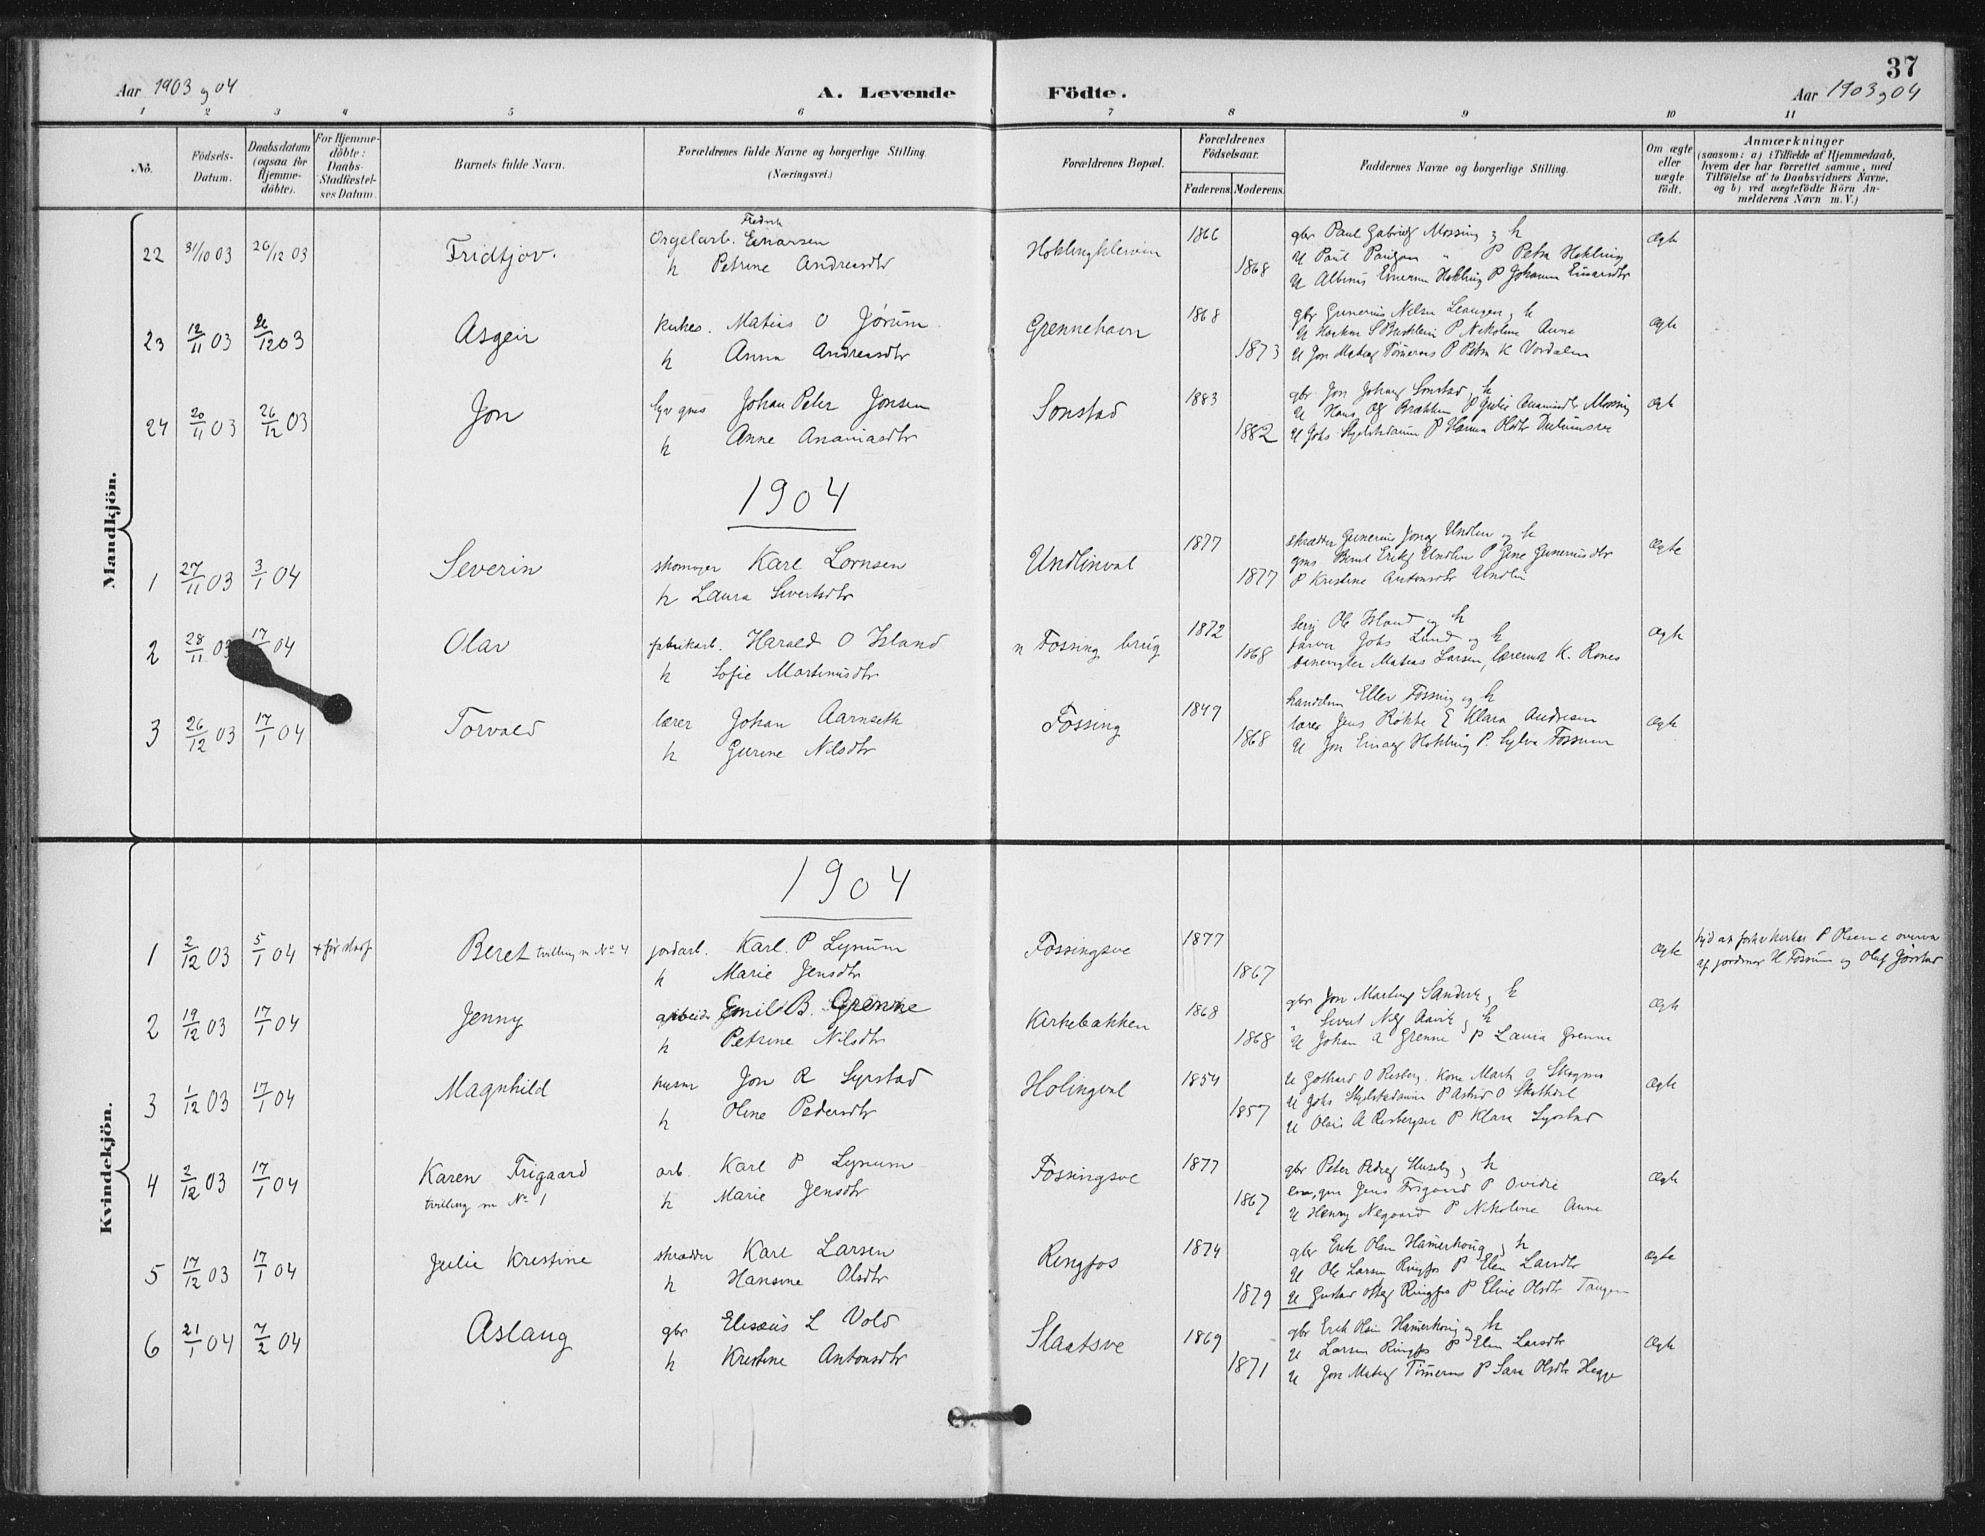 SAT, Ministerialprotokoller, klokkerbøker og fødselsregistre - Nord-Trøndelag, 714/L0131: Ministerialbok nr. 714A02, 1896-1918, s. 37